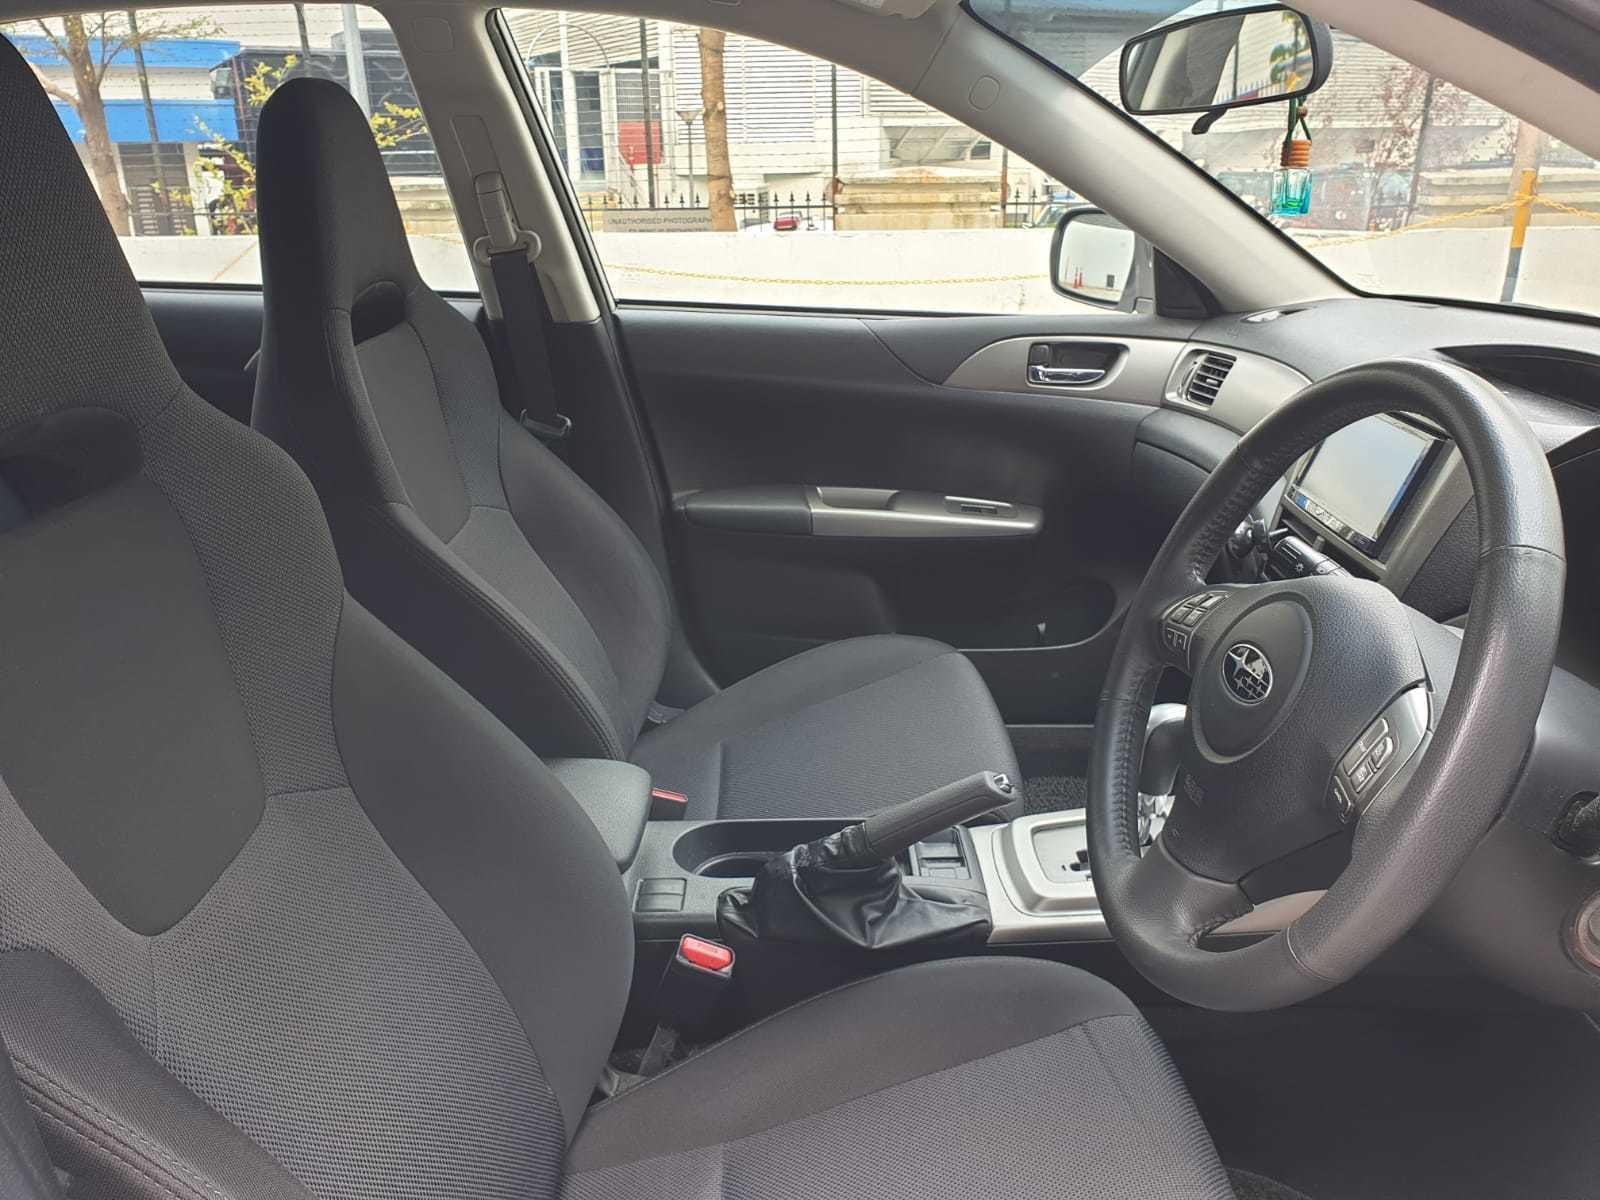 Subaru Impreza - Lowest rental rates, with the friendliest service!